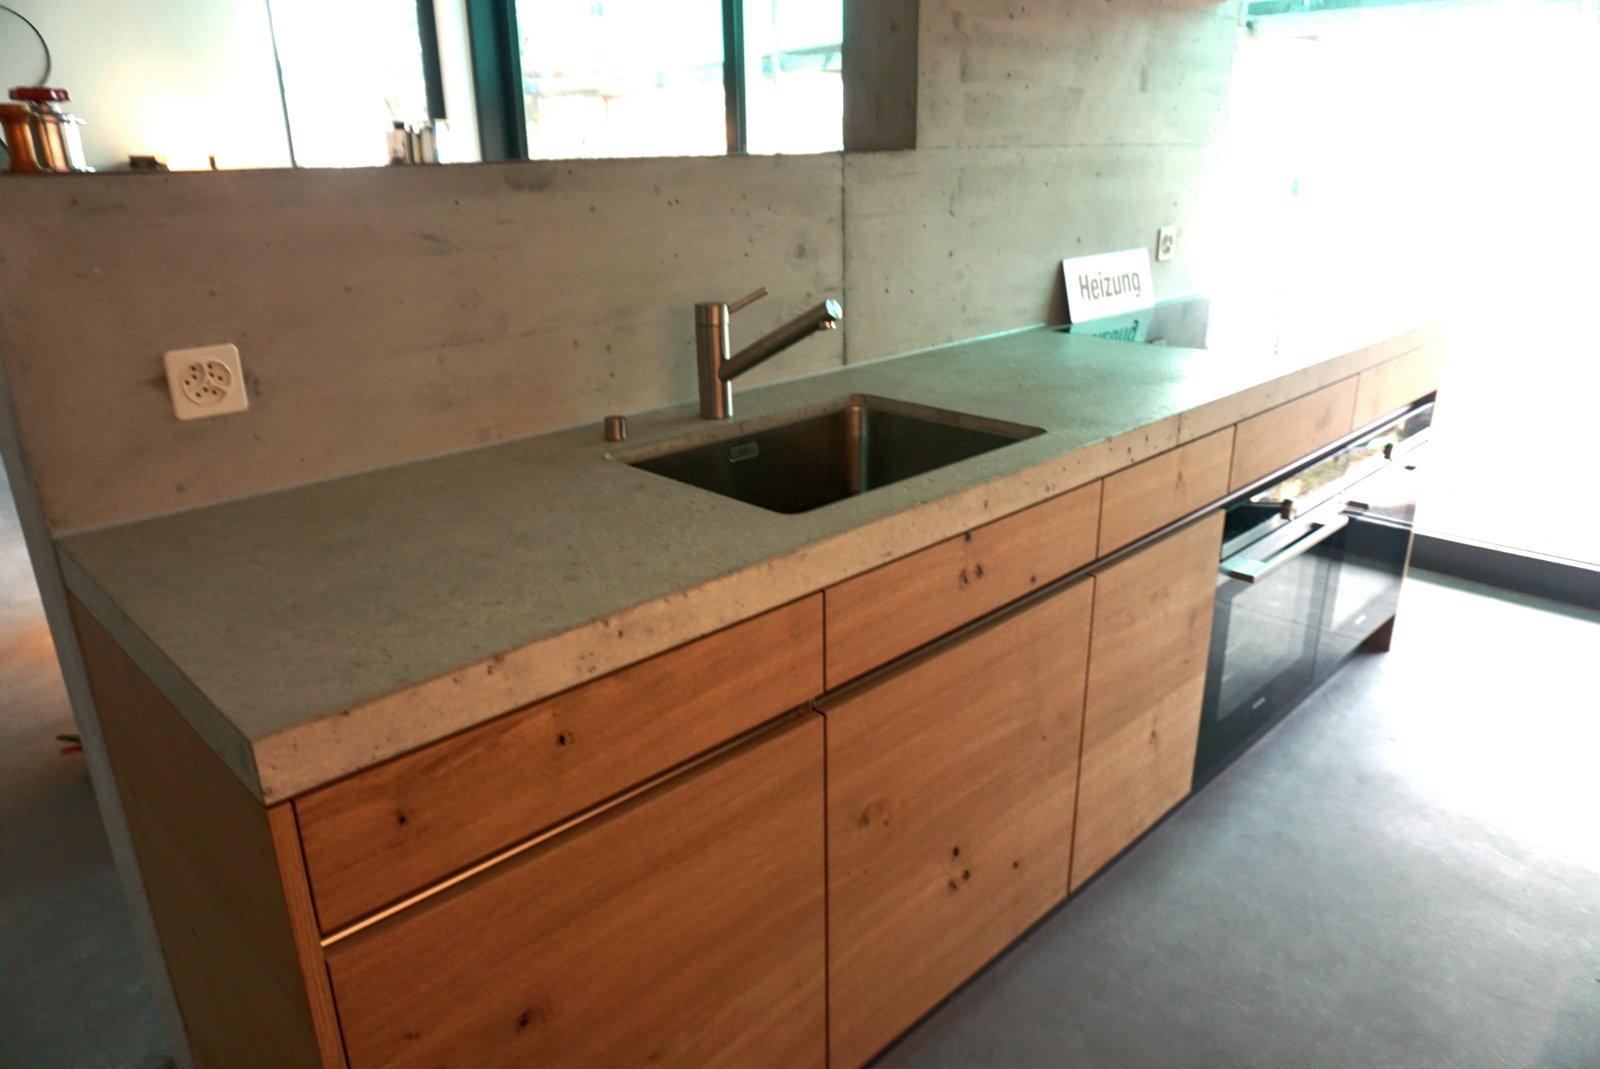 Küchenabdeckung Beton design der küchenabdeckung vom baubetrieb albisbrunn